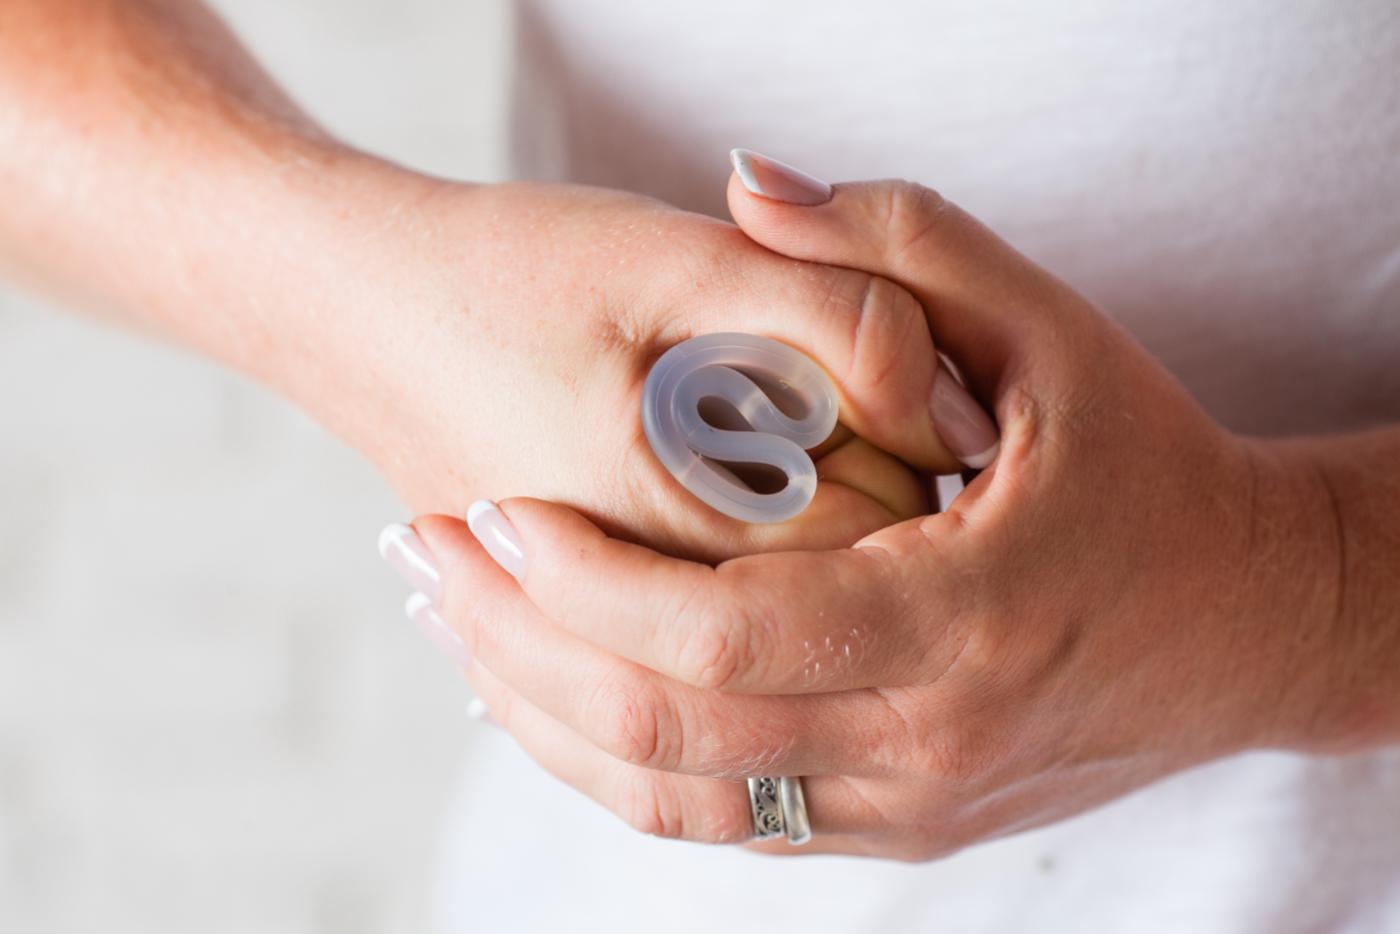 hogyan kell helyesen felvenni a péniszgyűrűt erekció vérrel